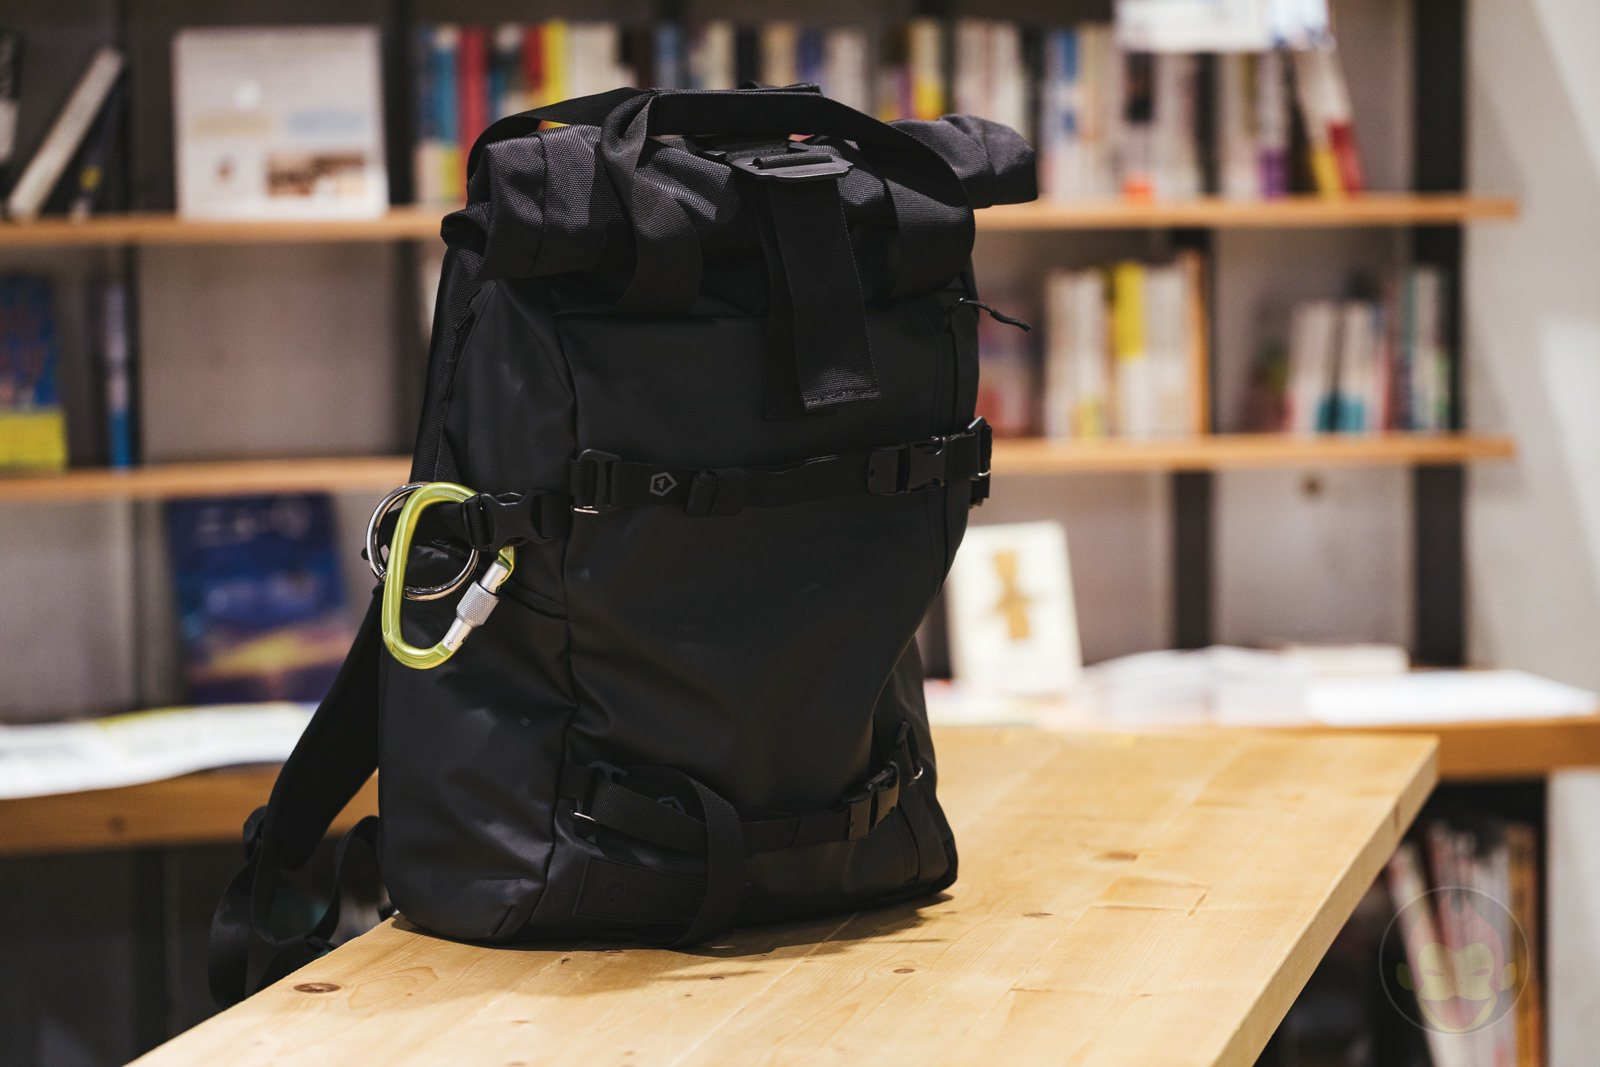 WANDRD-PRVKE-31-Backpack-Review-41